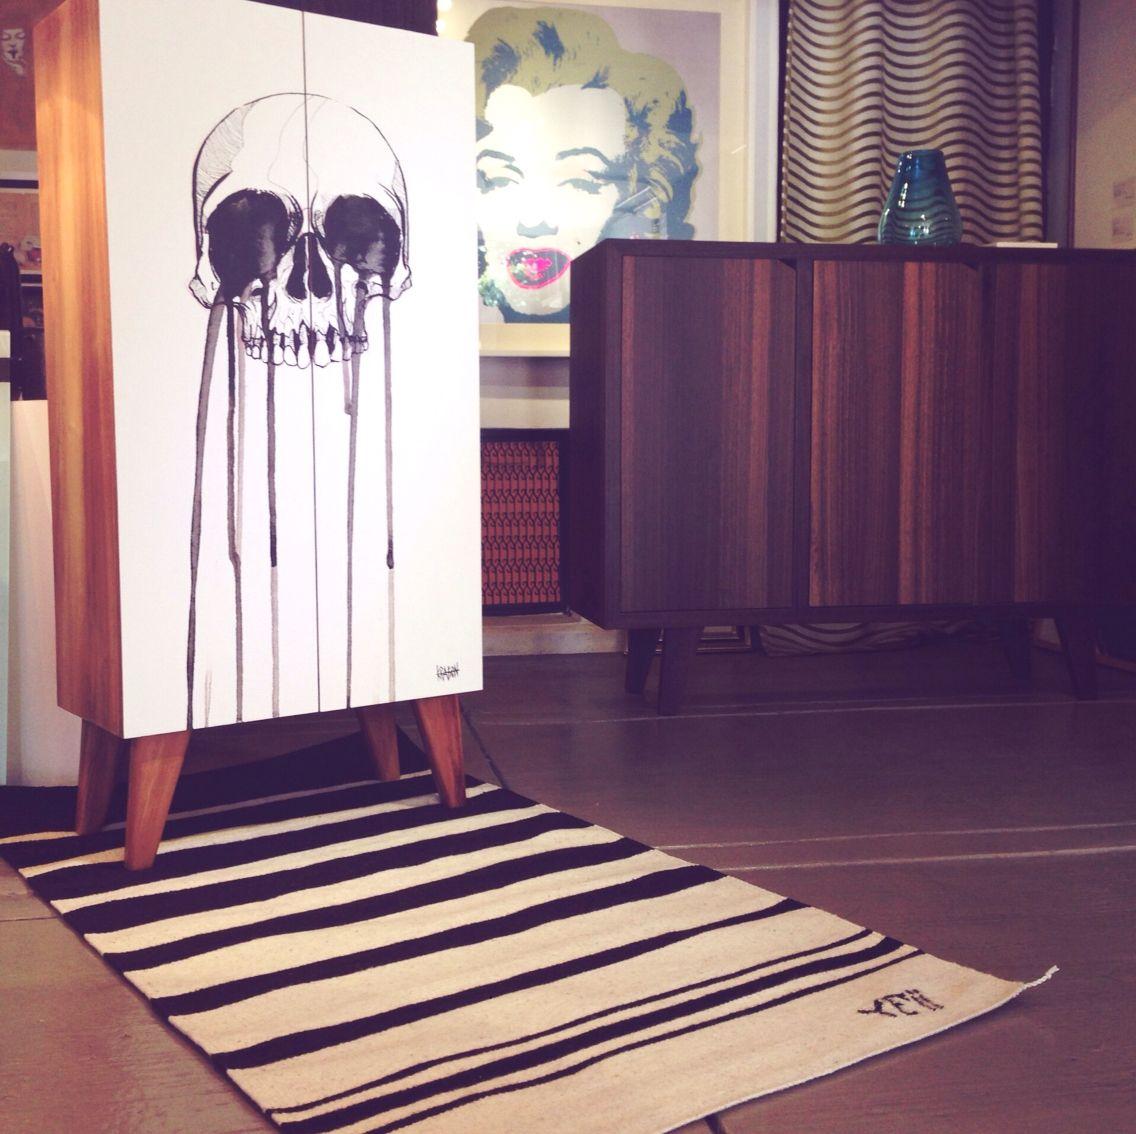 YE' ii presente en Histeria, fusión de dos marcas mexicanas enfocadas al interiorismo. Instagram: @yeiimexico @h_isteria